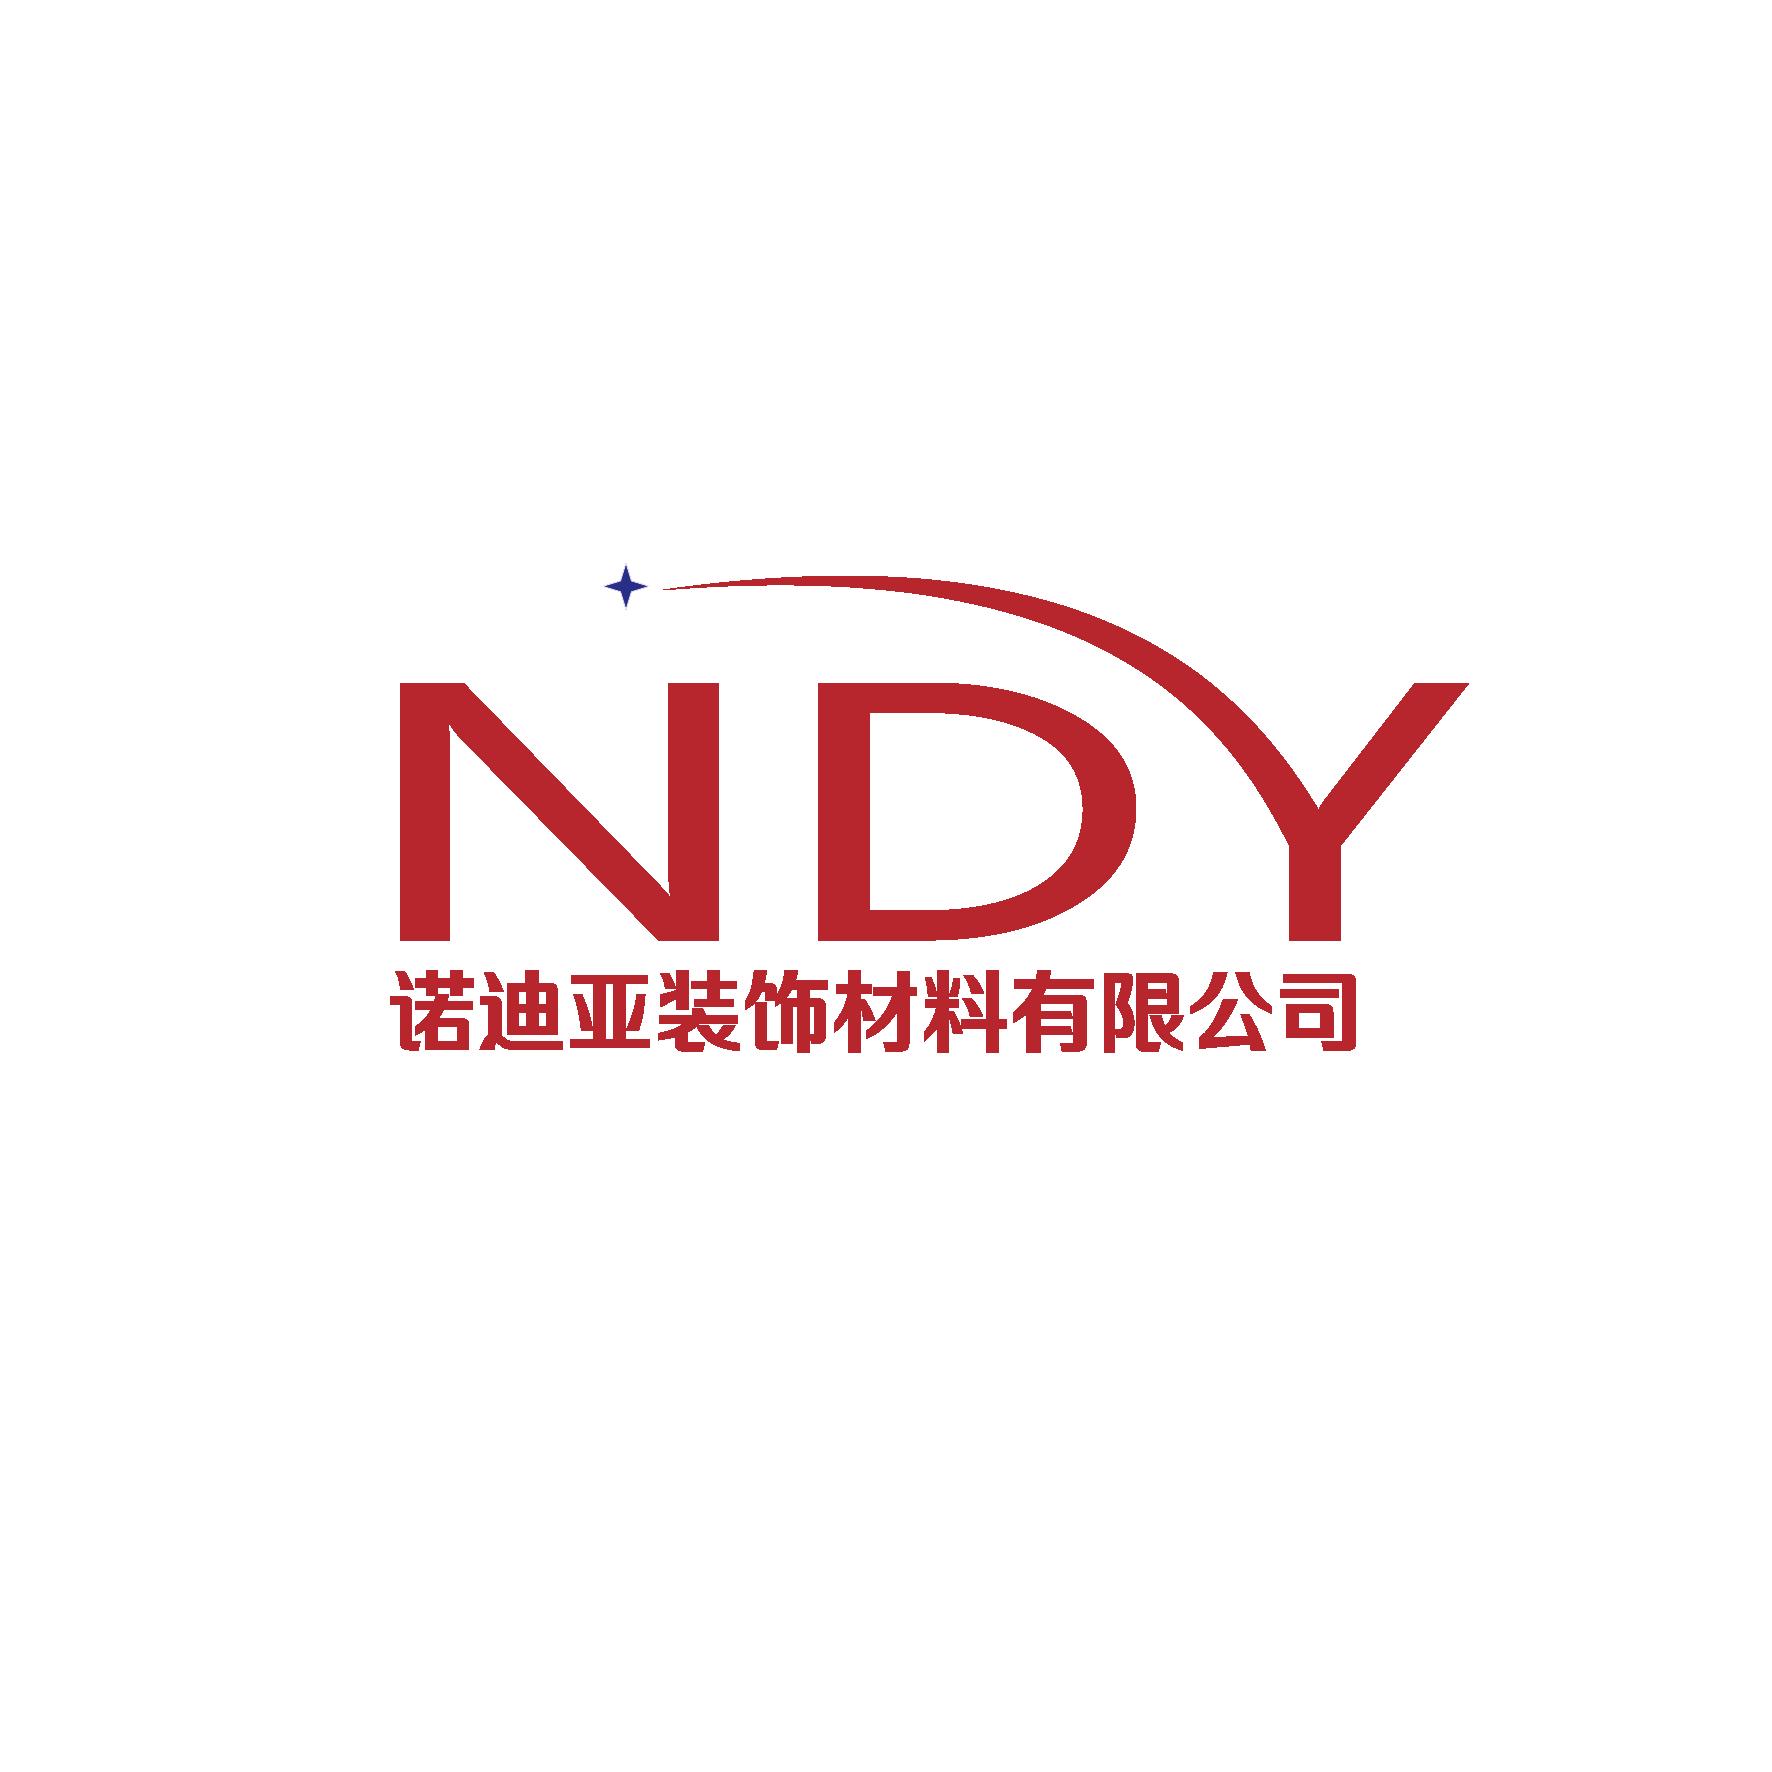 汕头市诺迪亚装饰材料有限公司